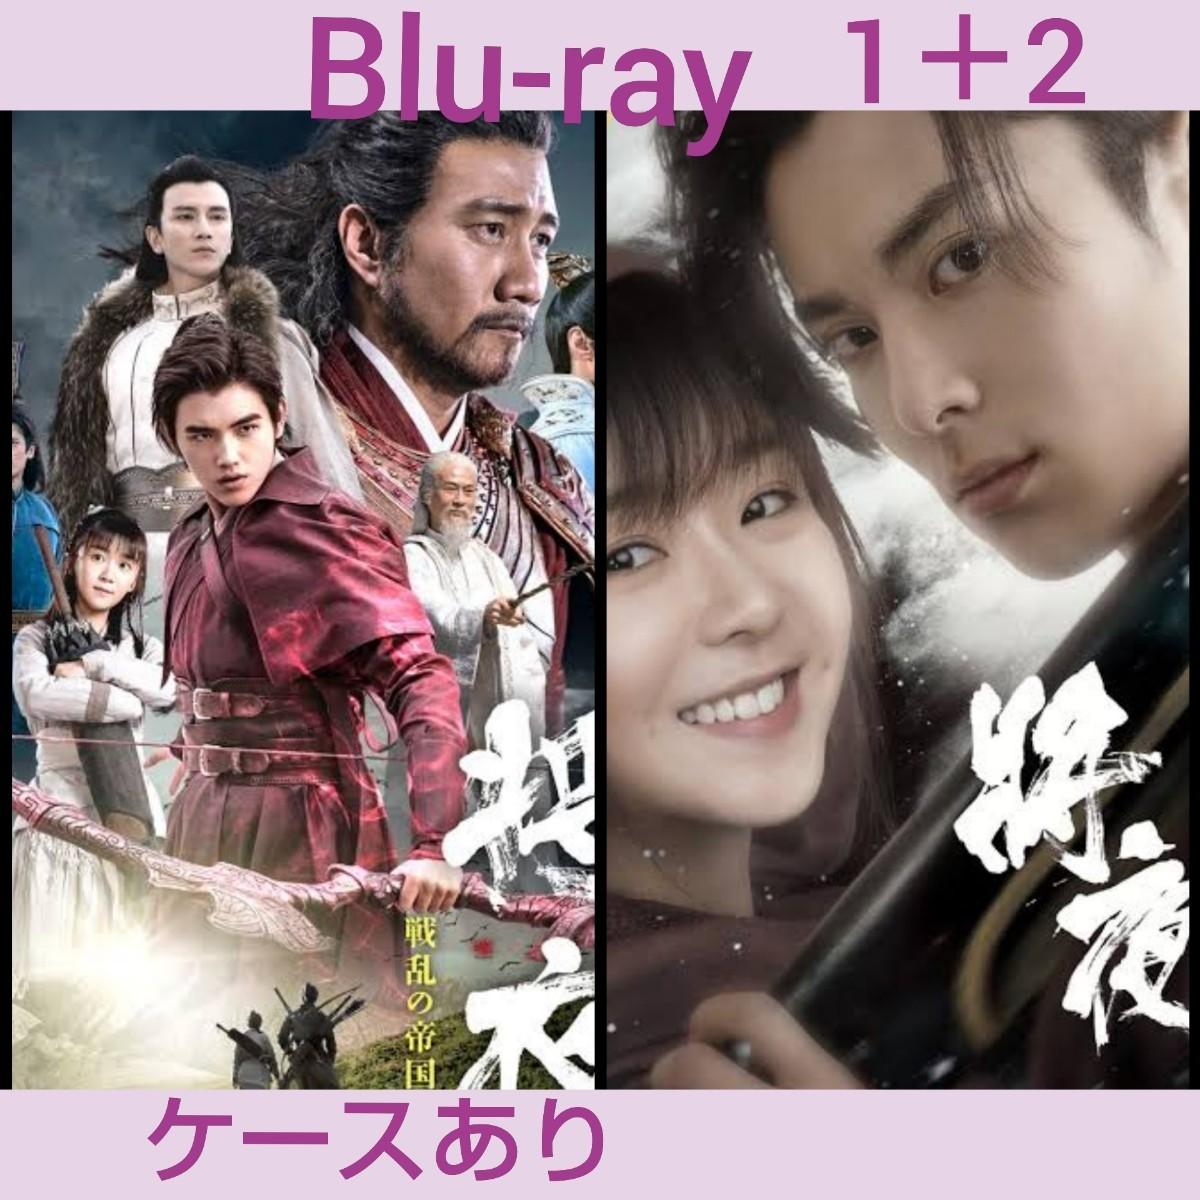 中国ドラマ 将夜 戦乱の帝国 全話+ 将夜 冥王の子 全話  Blu-ray